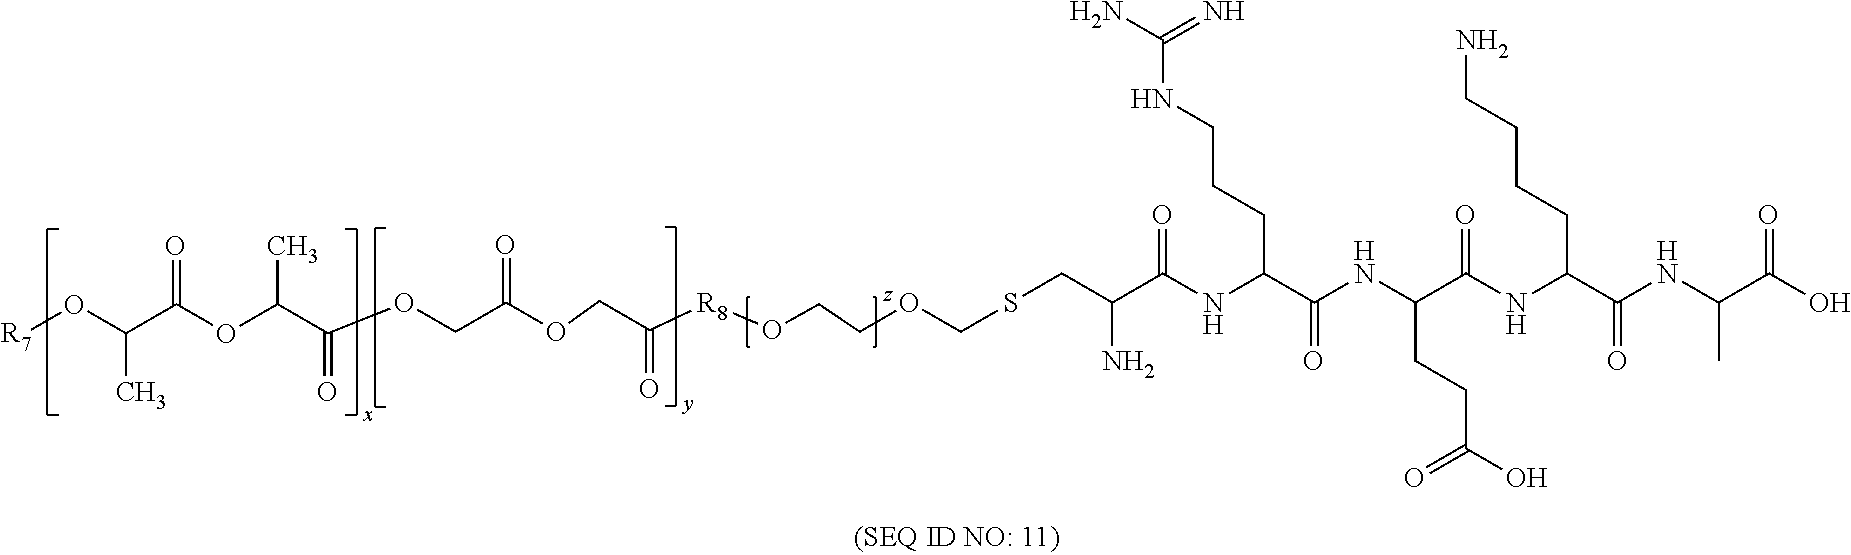 Figure US08563041-20131022-C00002